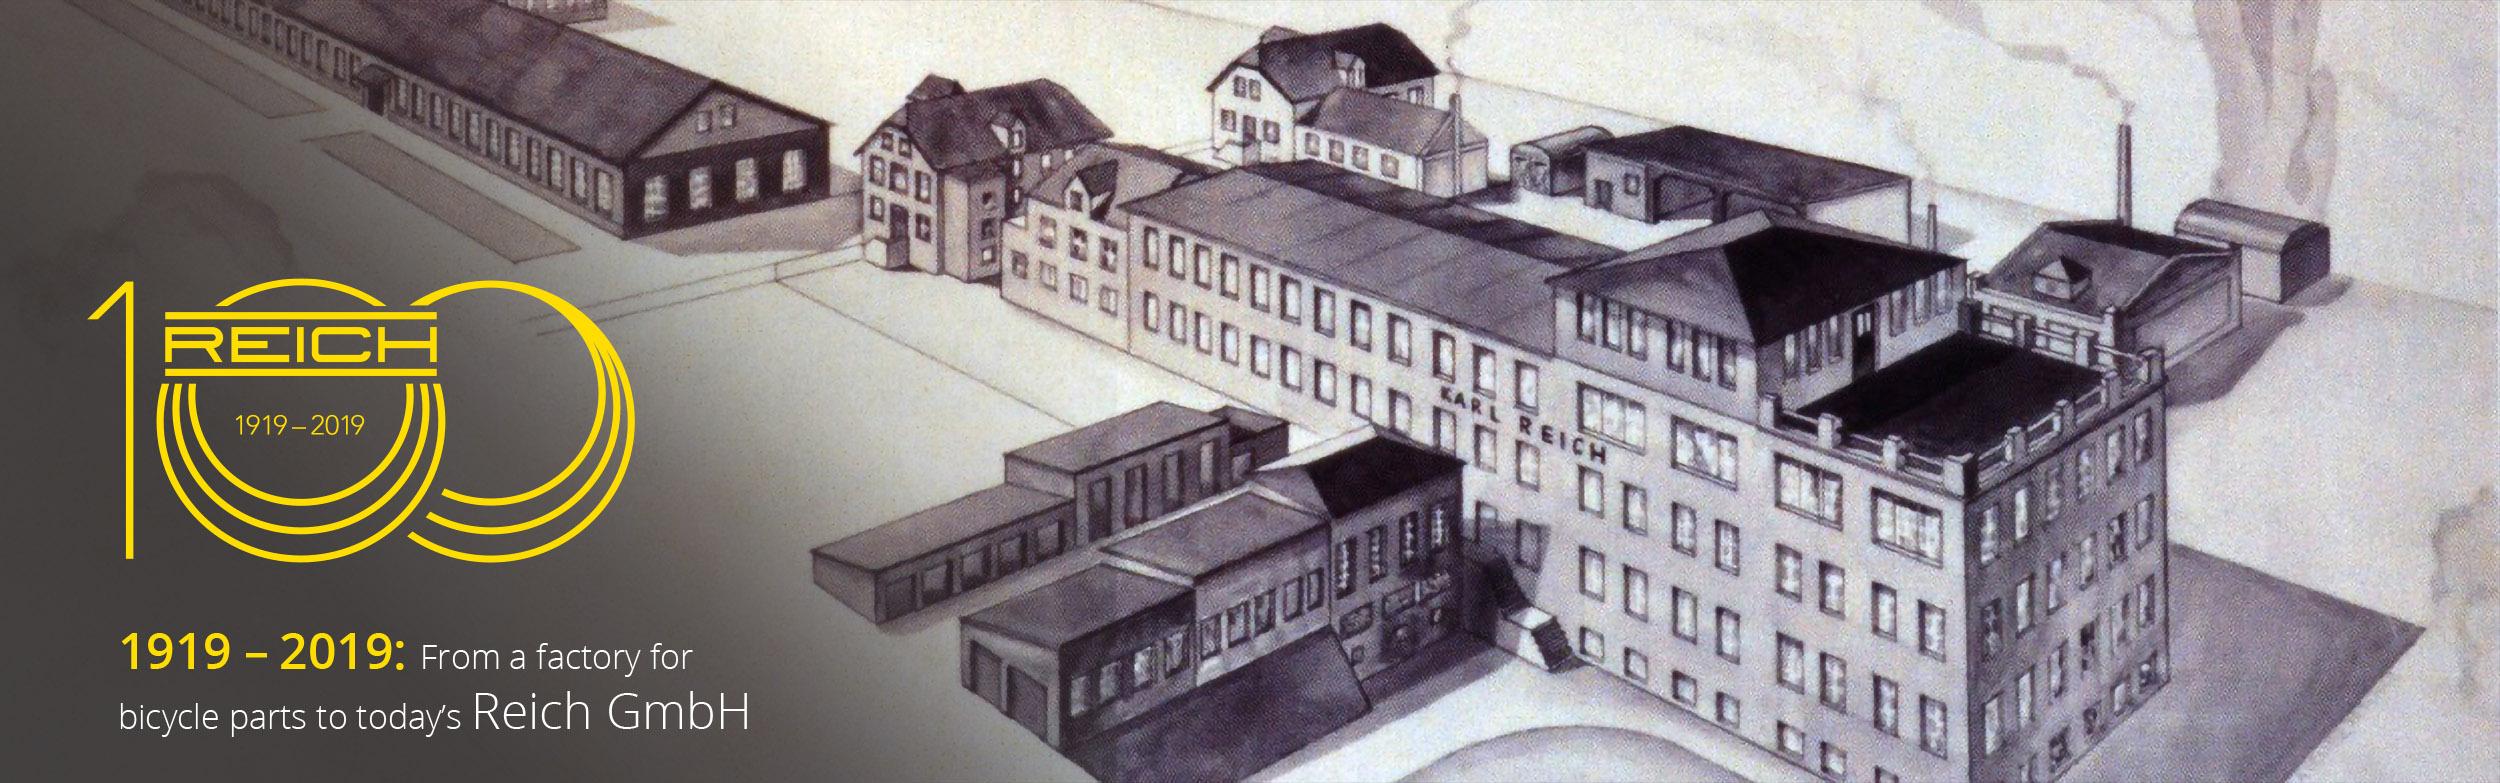 Reich GmbH 100 Years